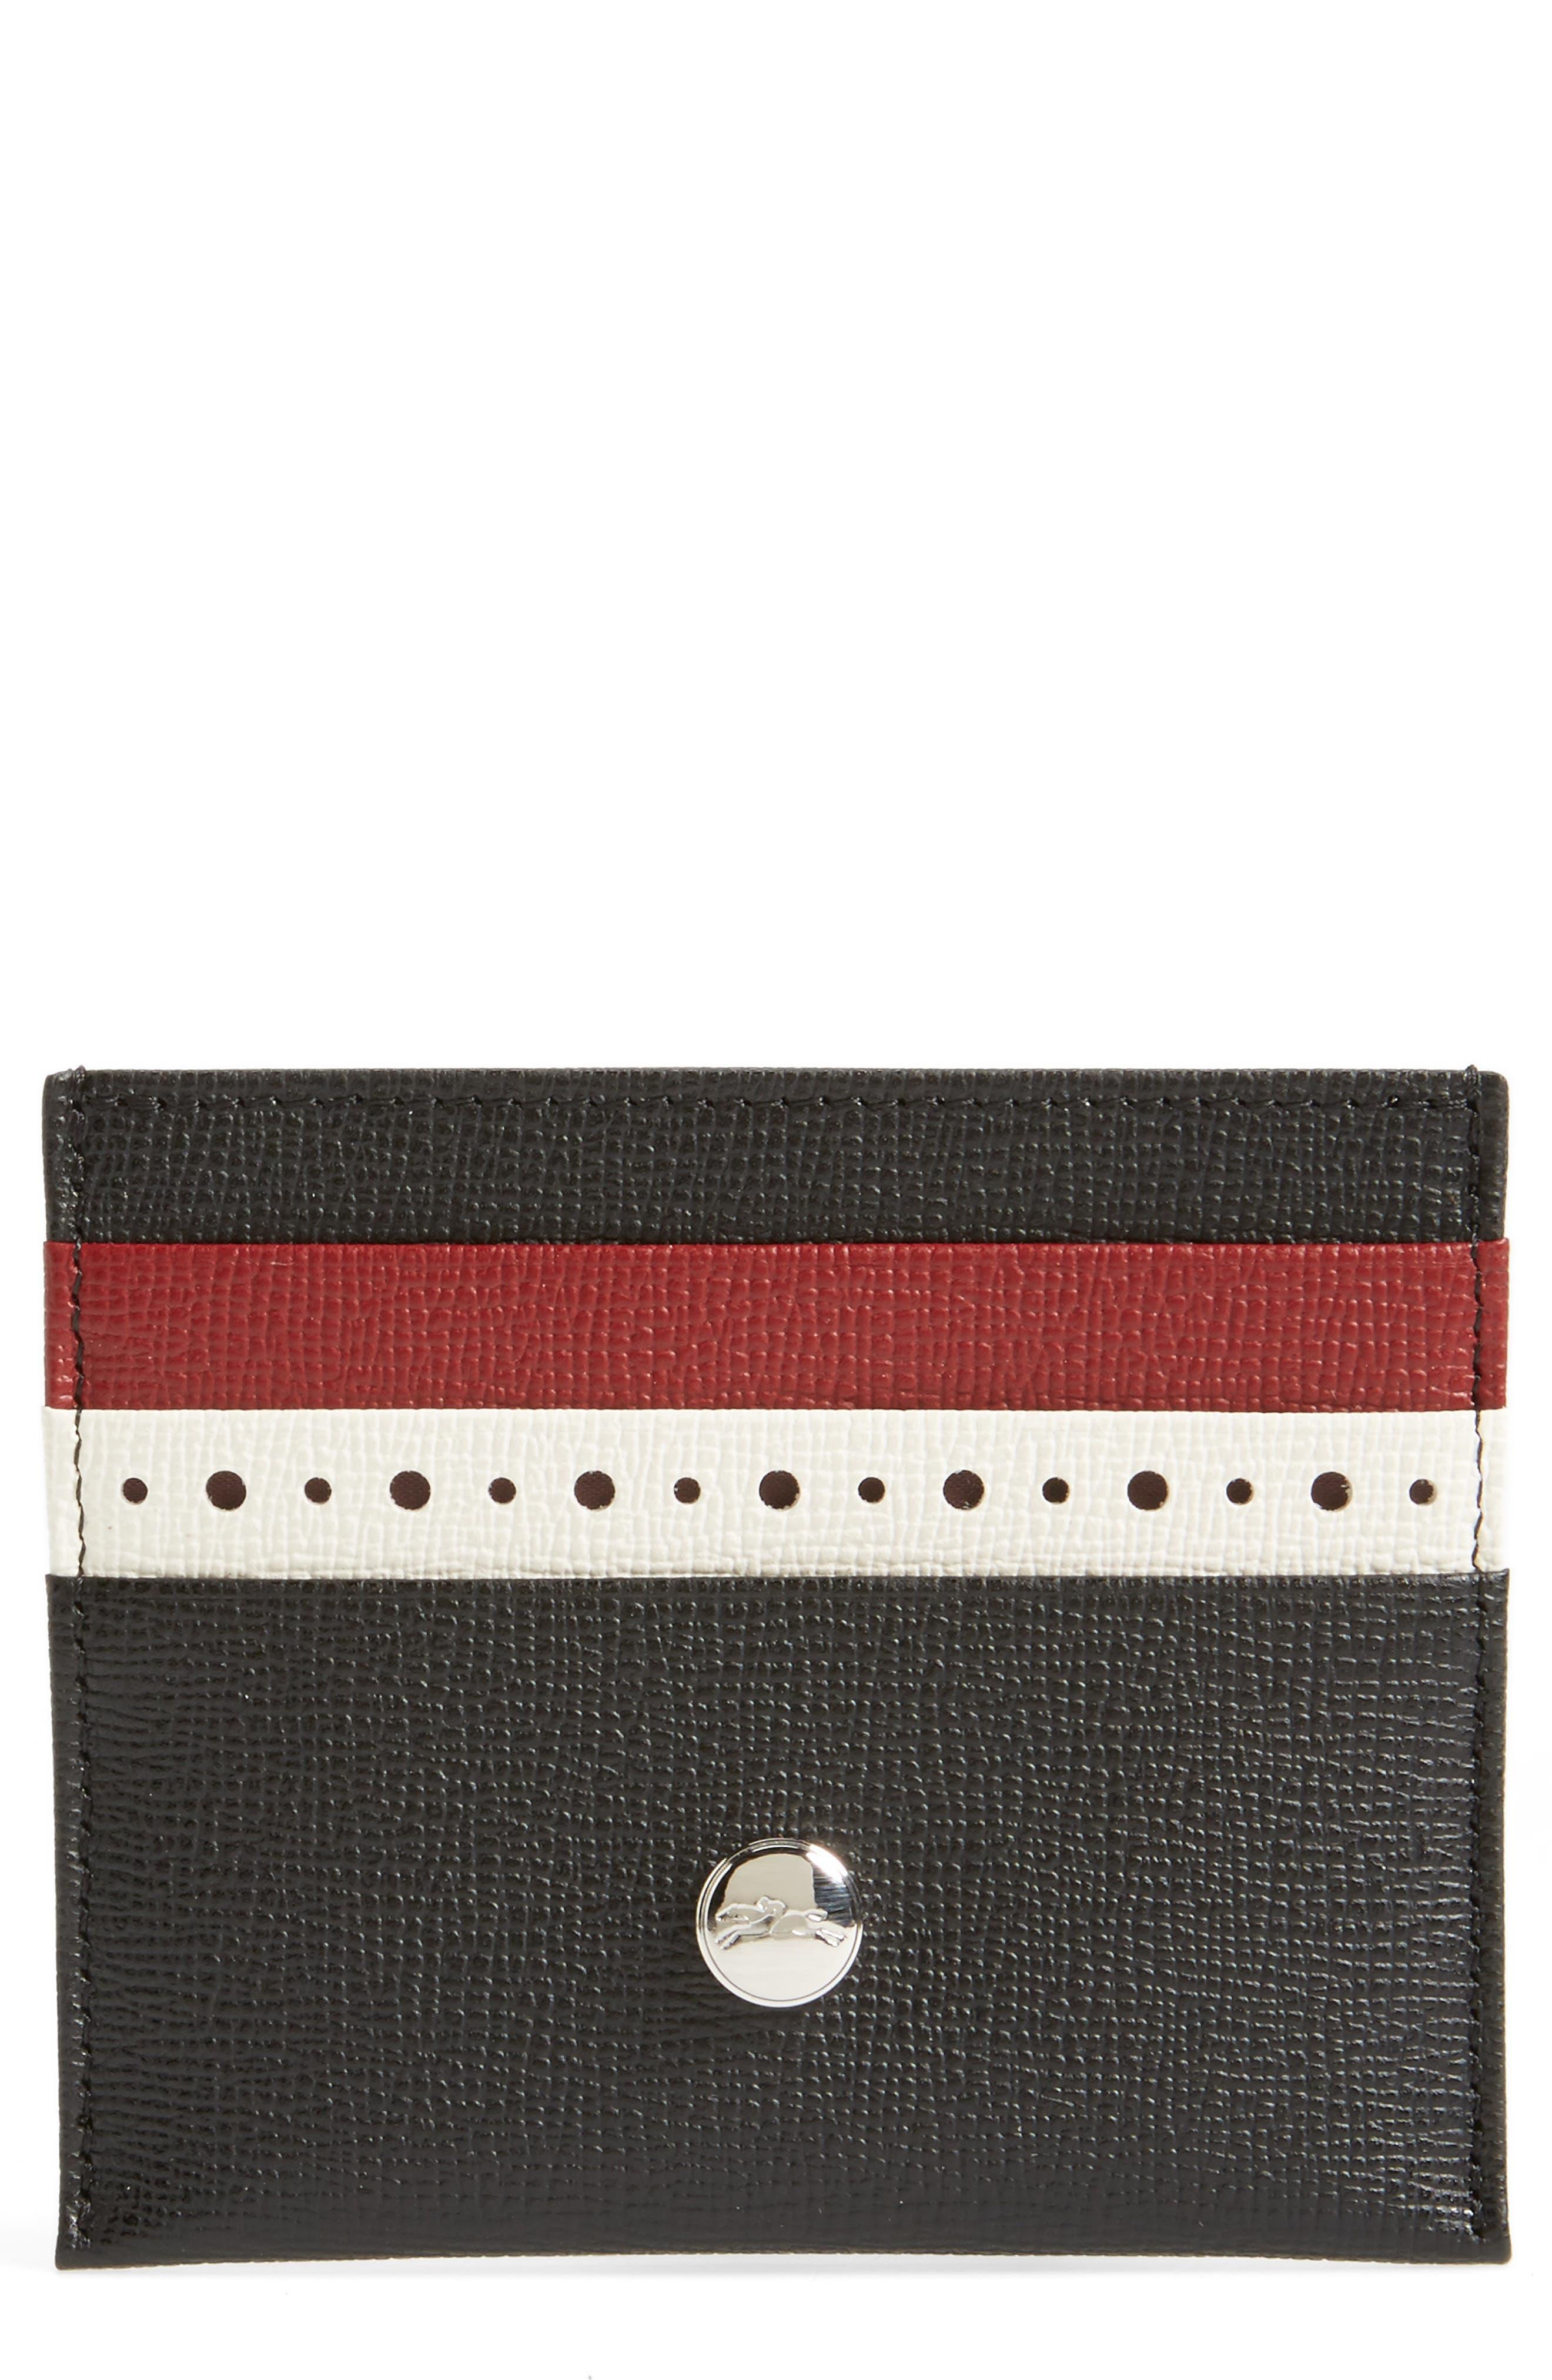 Effrontée Slim Leather Card Case,                             Main thumbnail 1, color,                             Red Lacquer